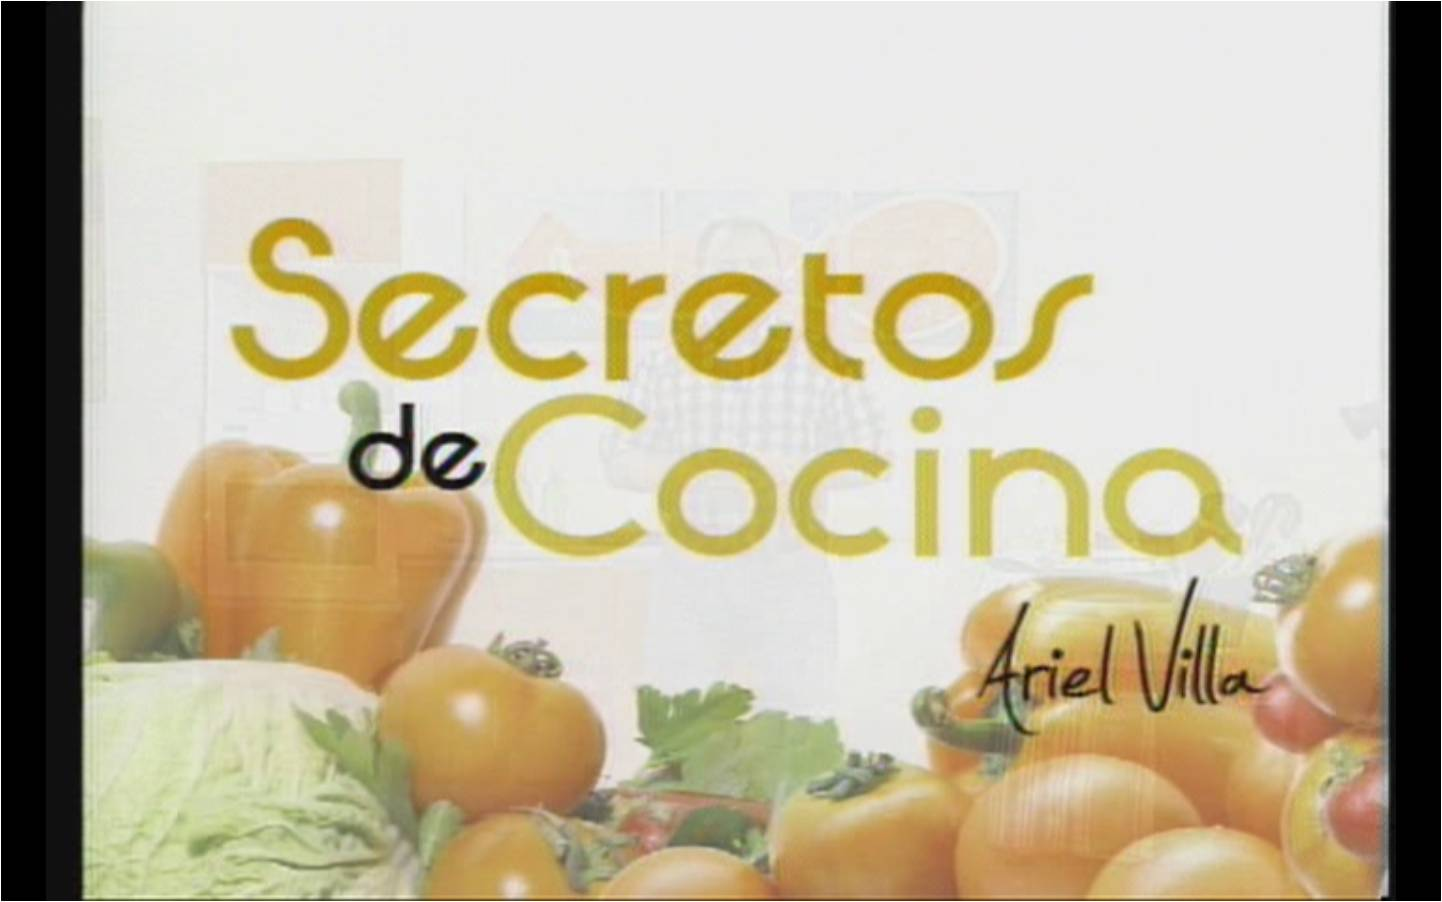 ariel villa producciones secretos de cocina tv